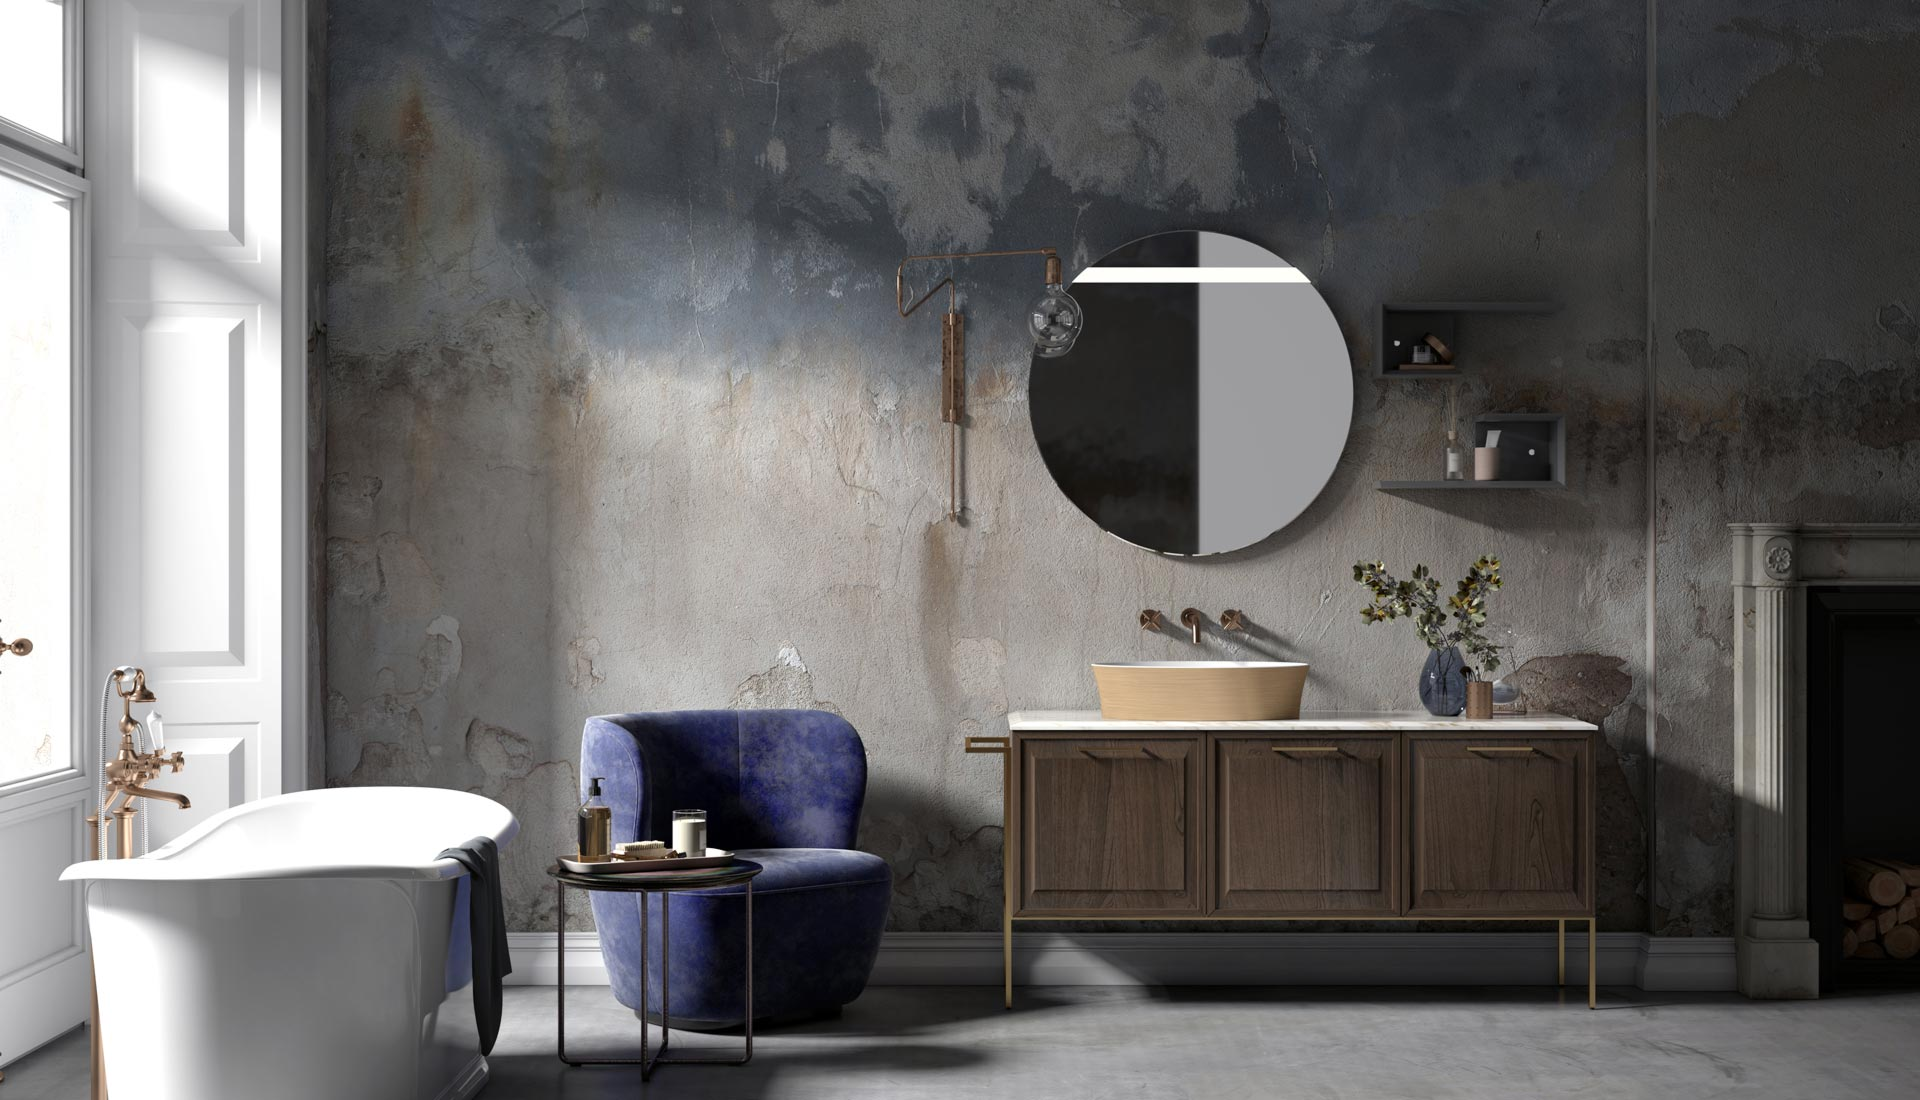 Puntotre produzione arredo bagno e mobili per il bagno su - Mobili arredo bagno roma ...